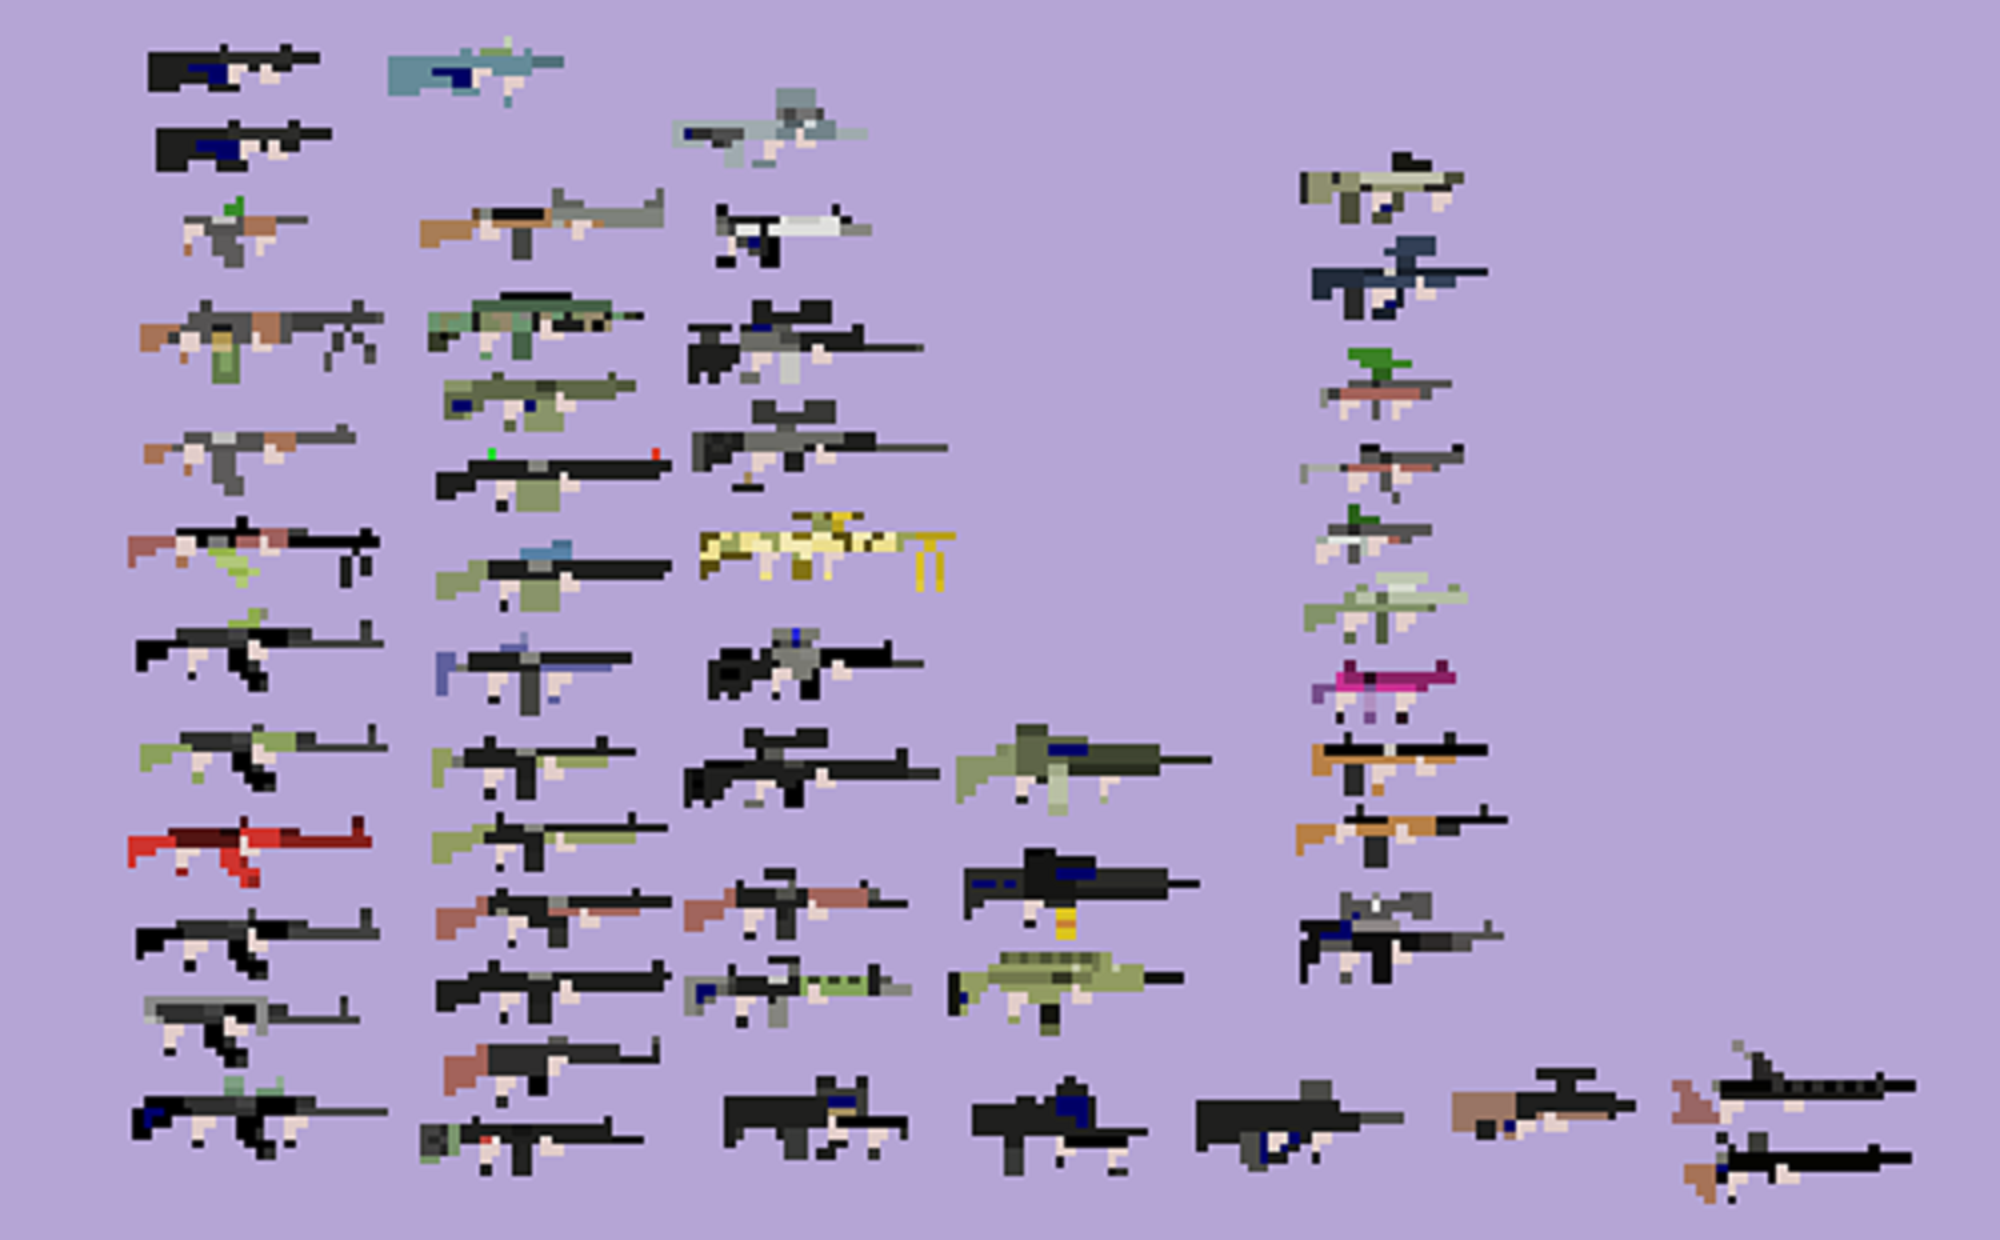 5507085_149459902231_guns2.png